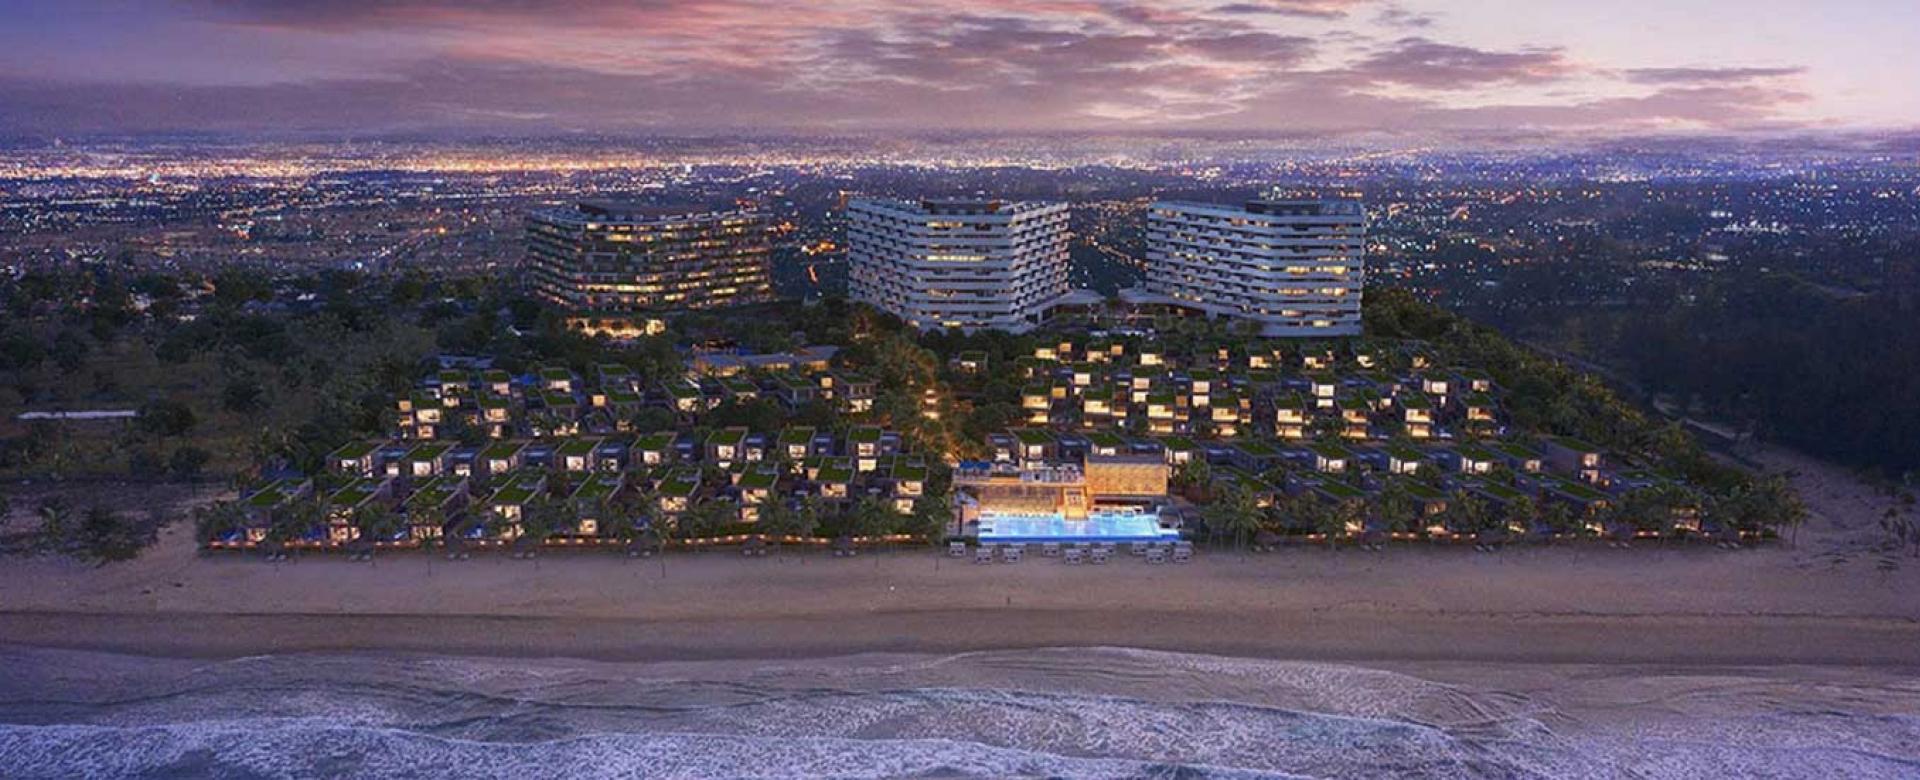 Tổ hợp nghỉ dưỡng Shantira Beach Resort & Spa Hội An